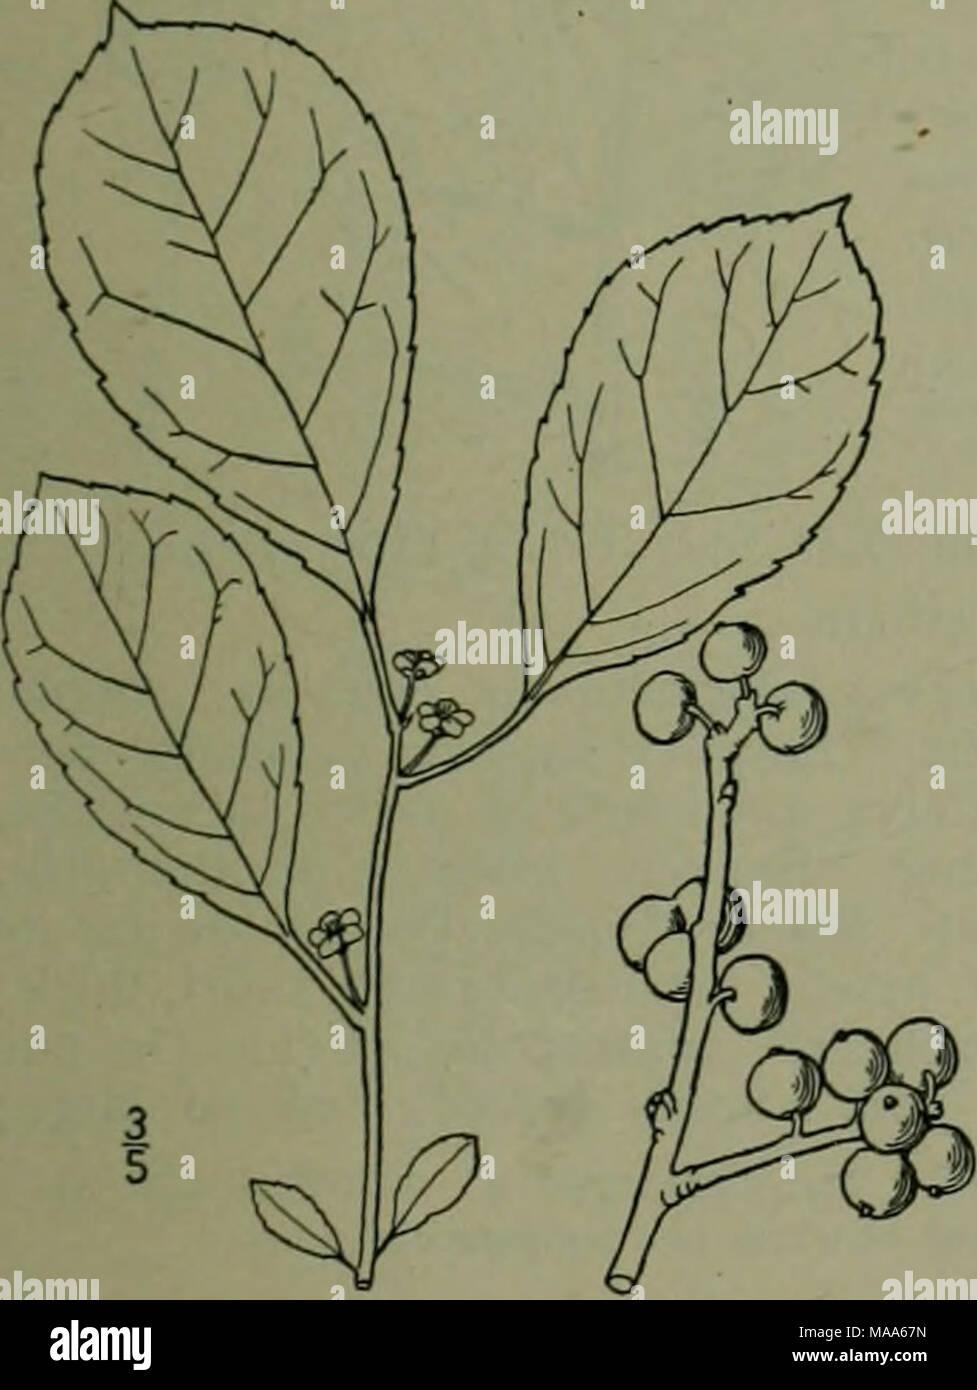 . Eine Illustrierte Flora von der nördlichen USA, Kanada und die britischen Besitzungen: von Neufundland zu den Parallelen der südlichen Grenze von Virginia und vom Atlantik westwärts nach dem 102 Meridian. Stockfoto